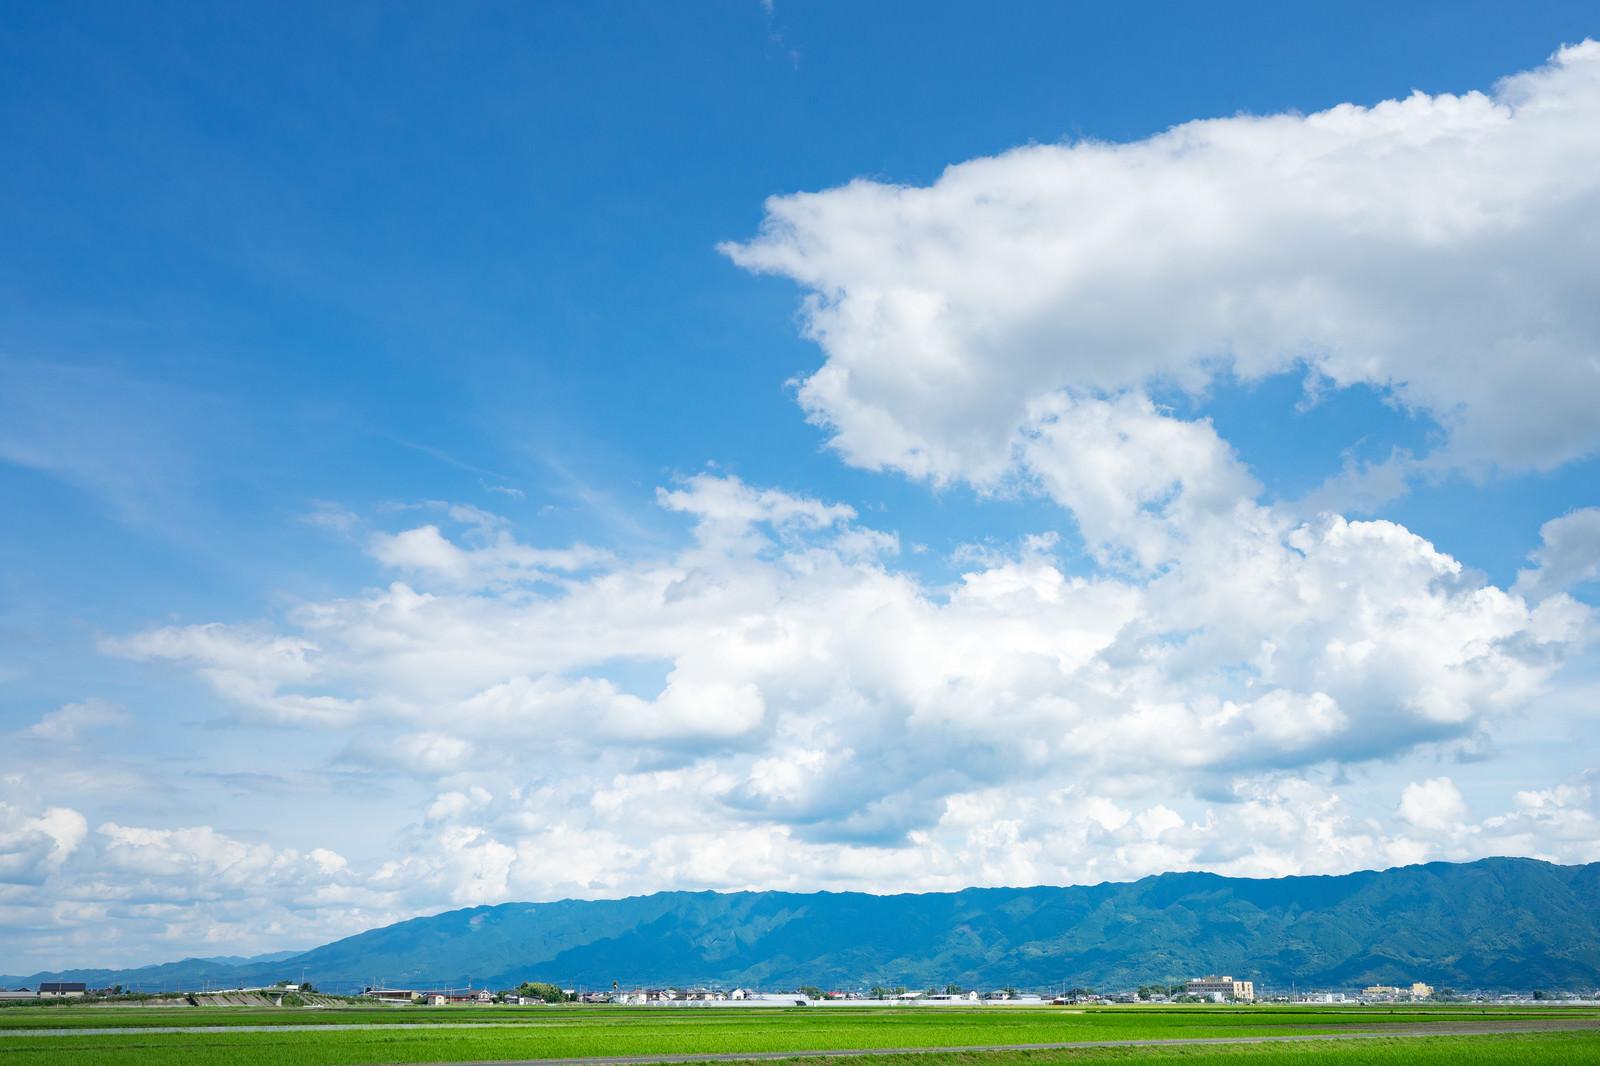 「大刀洗の青空と畑大刀洗の青空と畑」のフリー写真素材を拡大